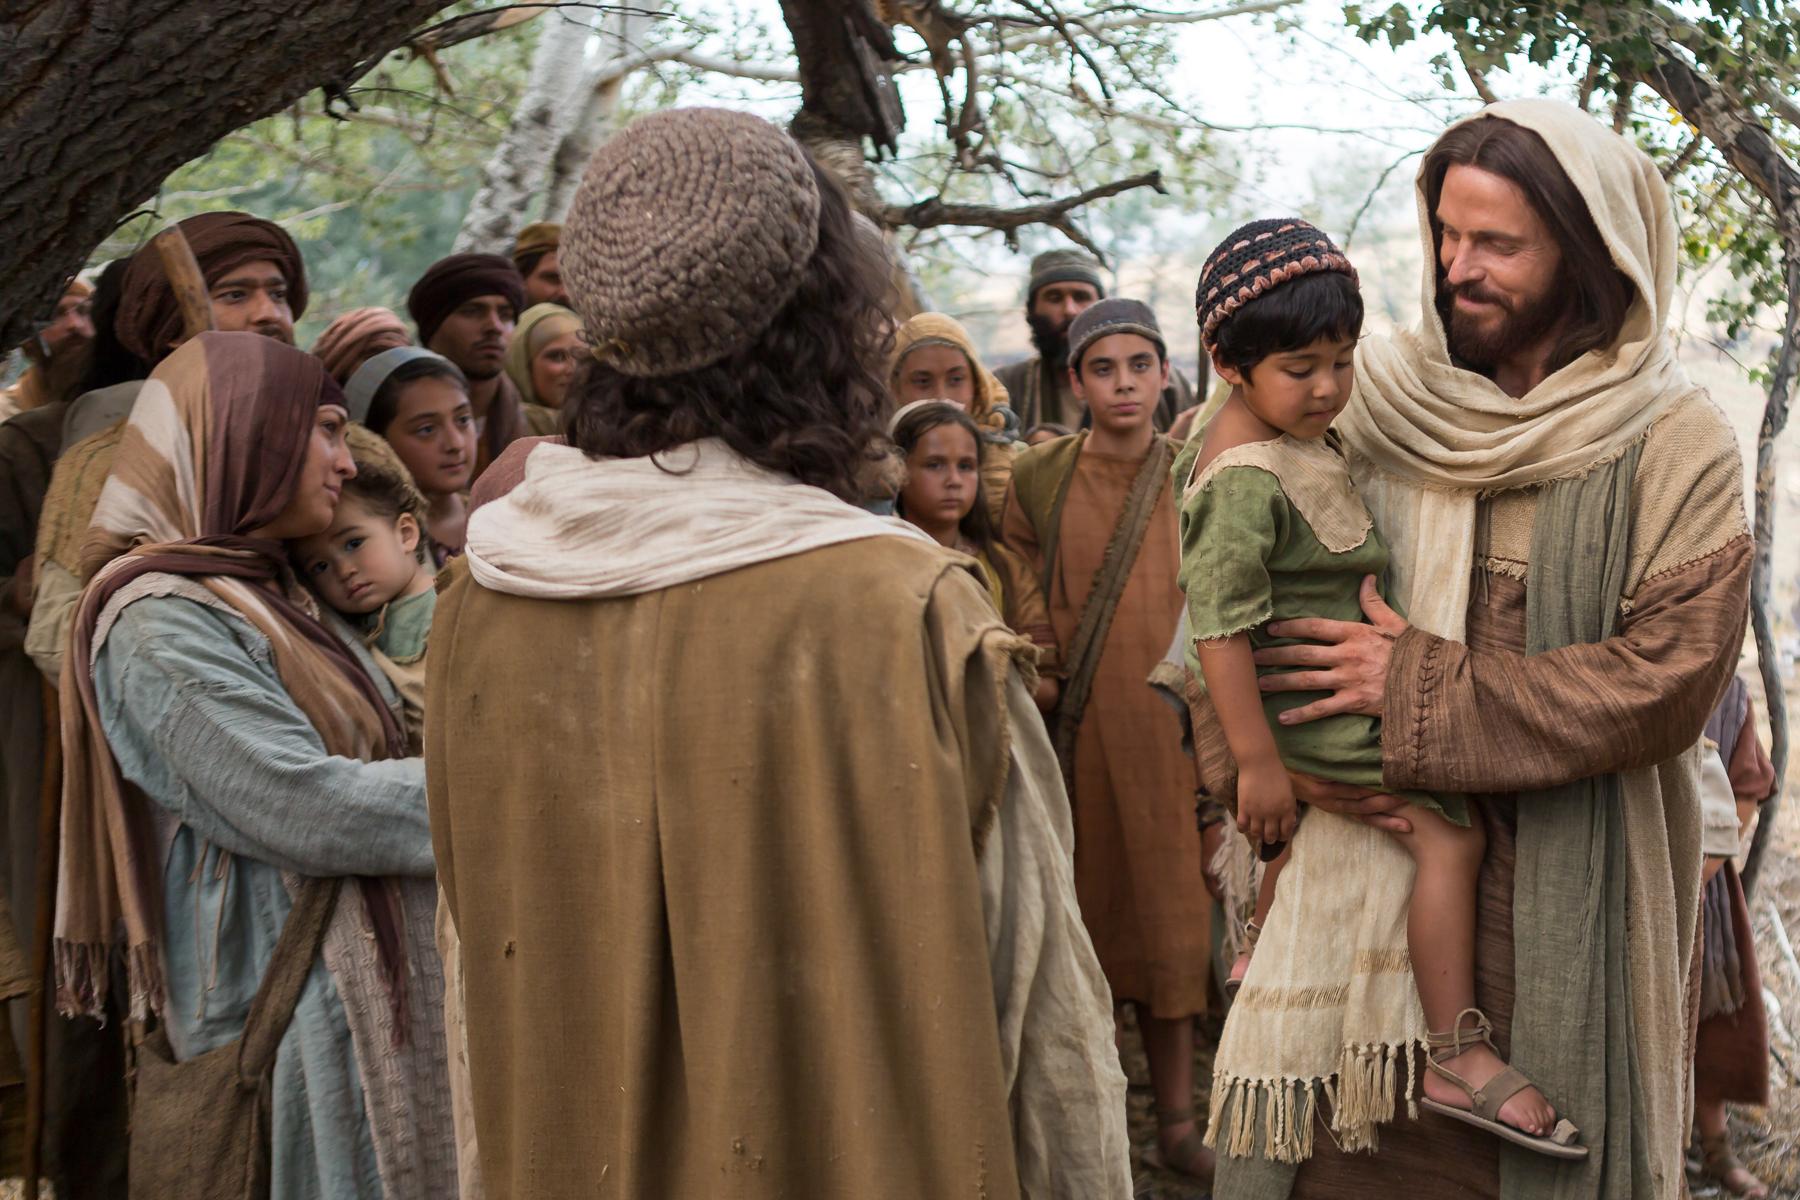 jesus-suffers-the-little-children-to-come-unto-him.jpg (1800×1200)